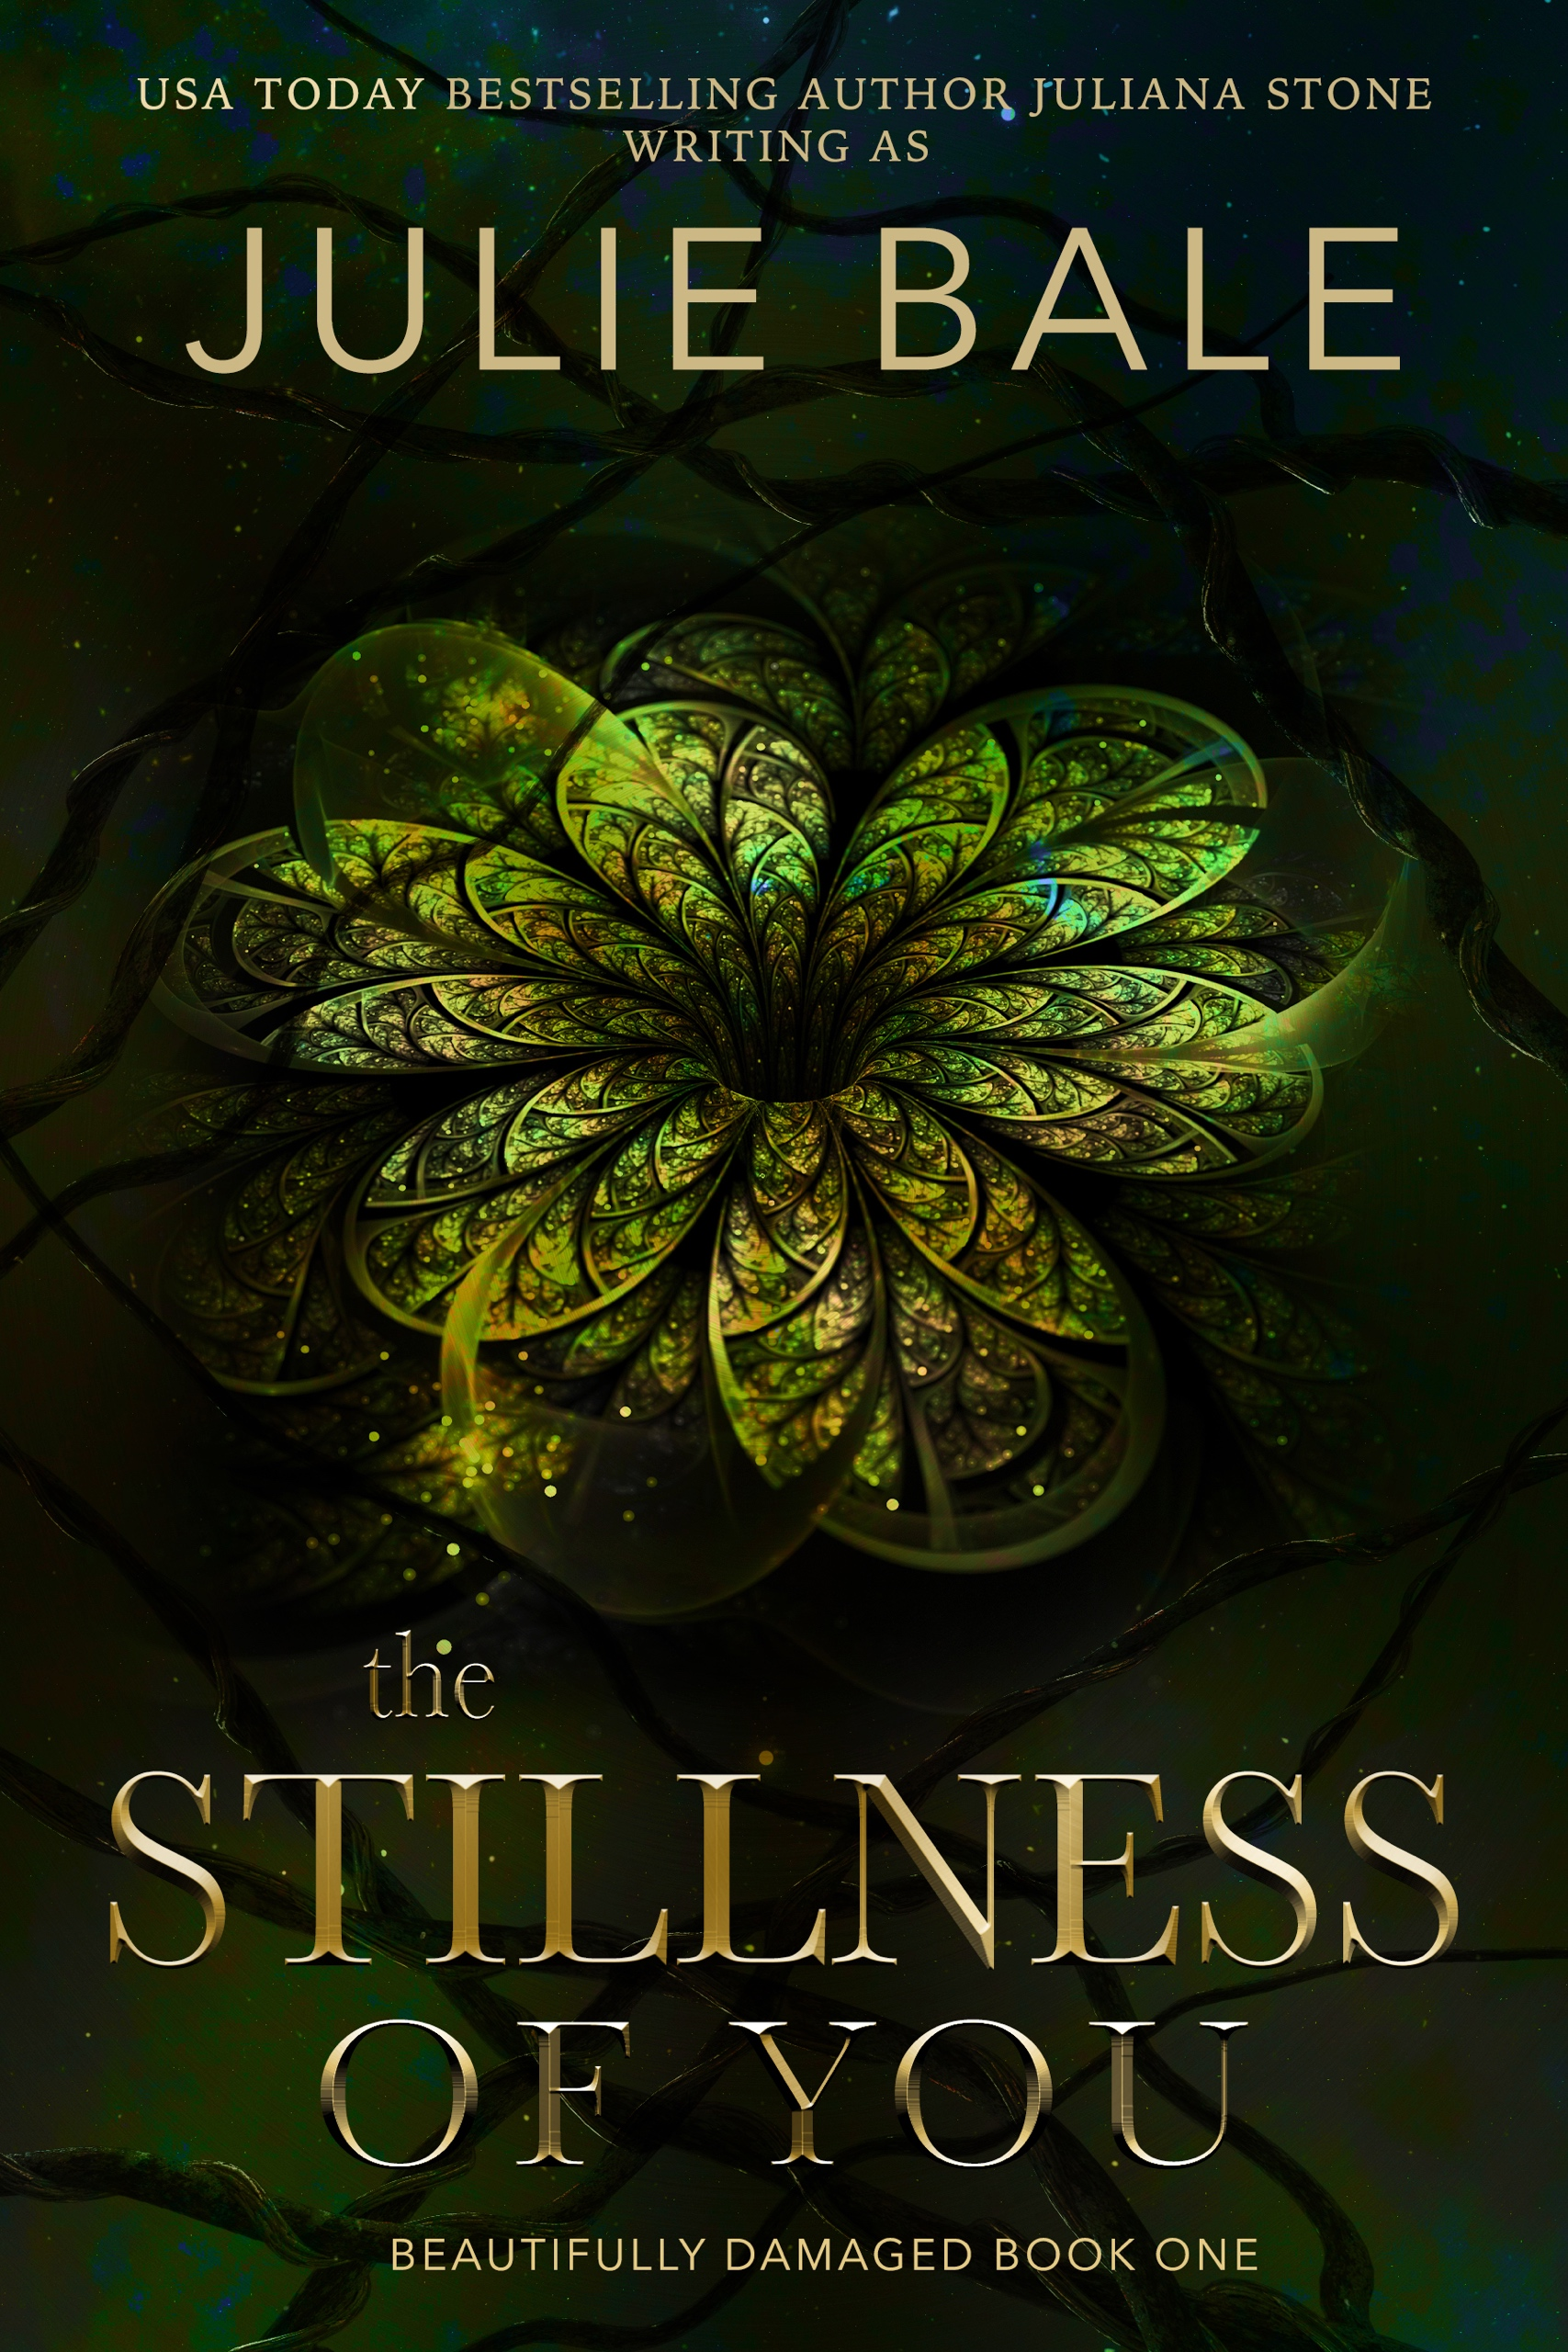 The Stillness Of You by Juliana Stone